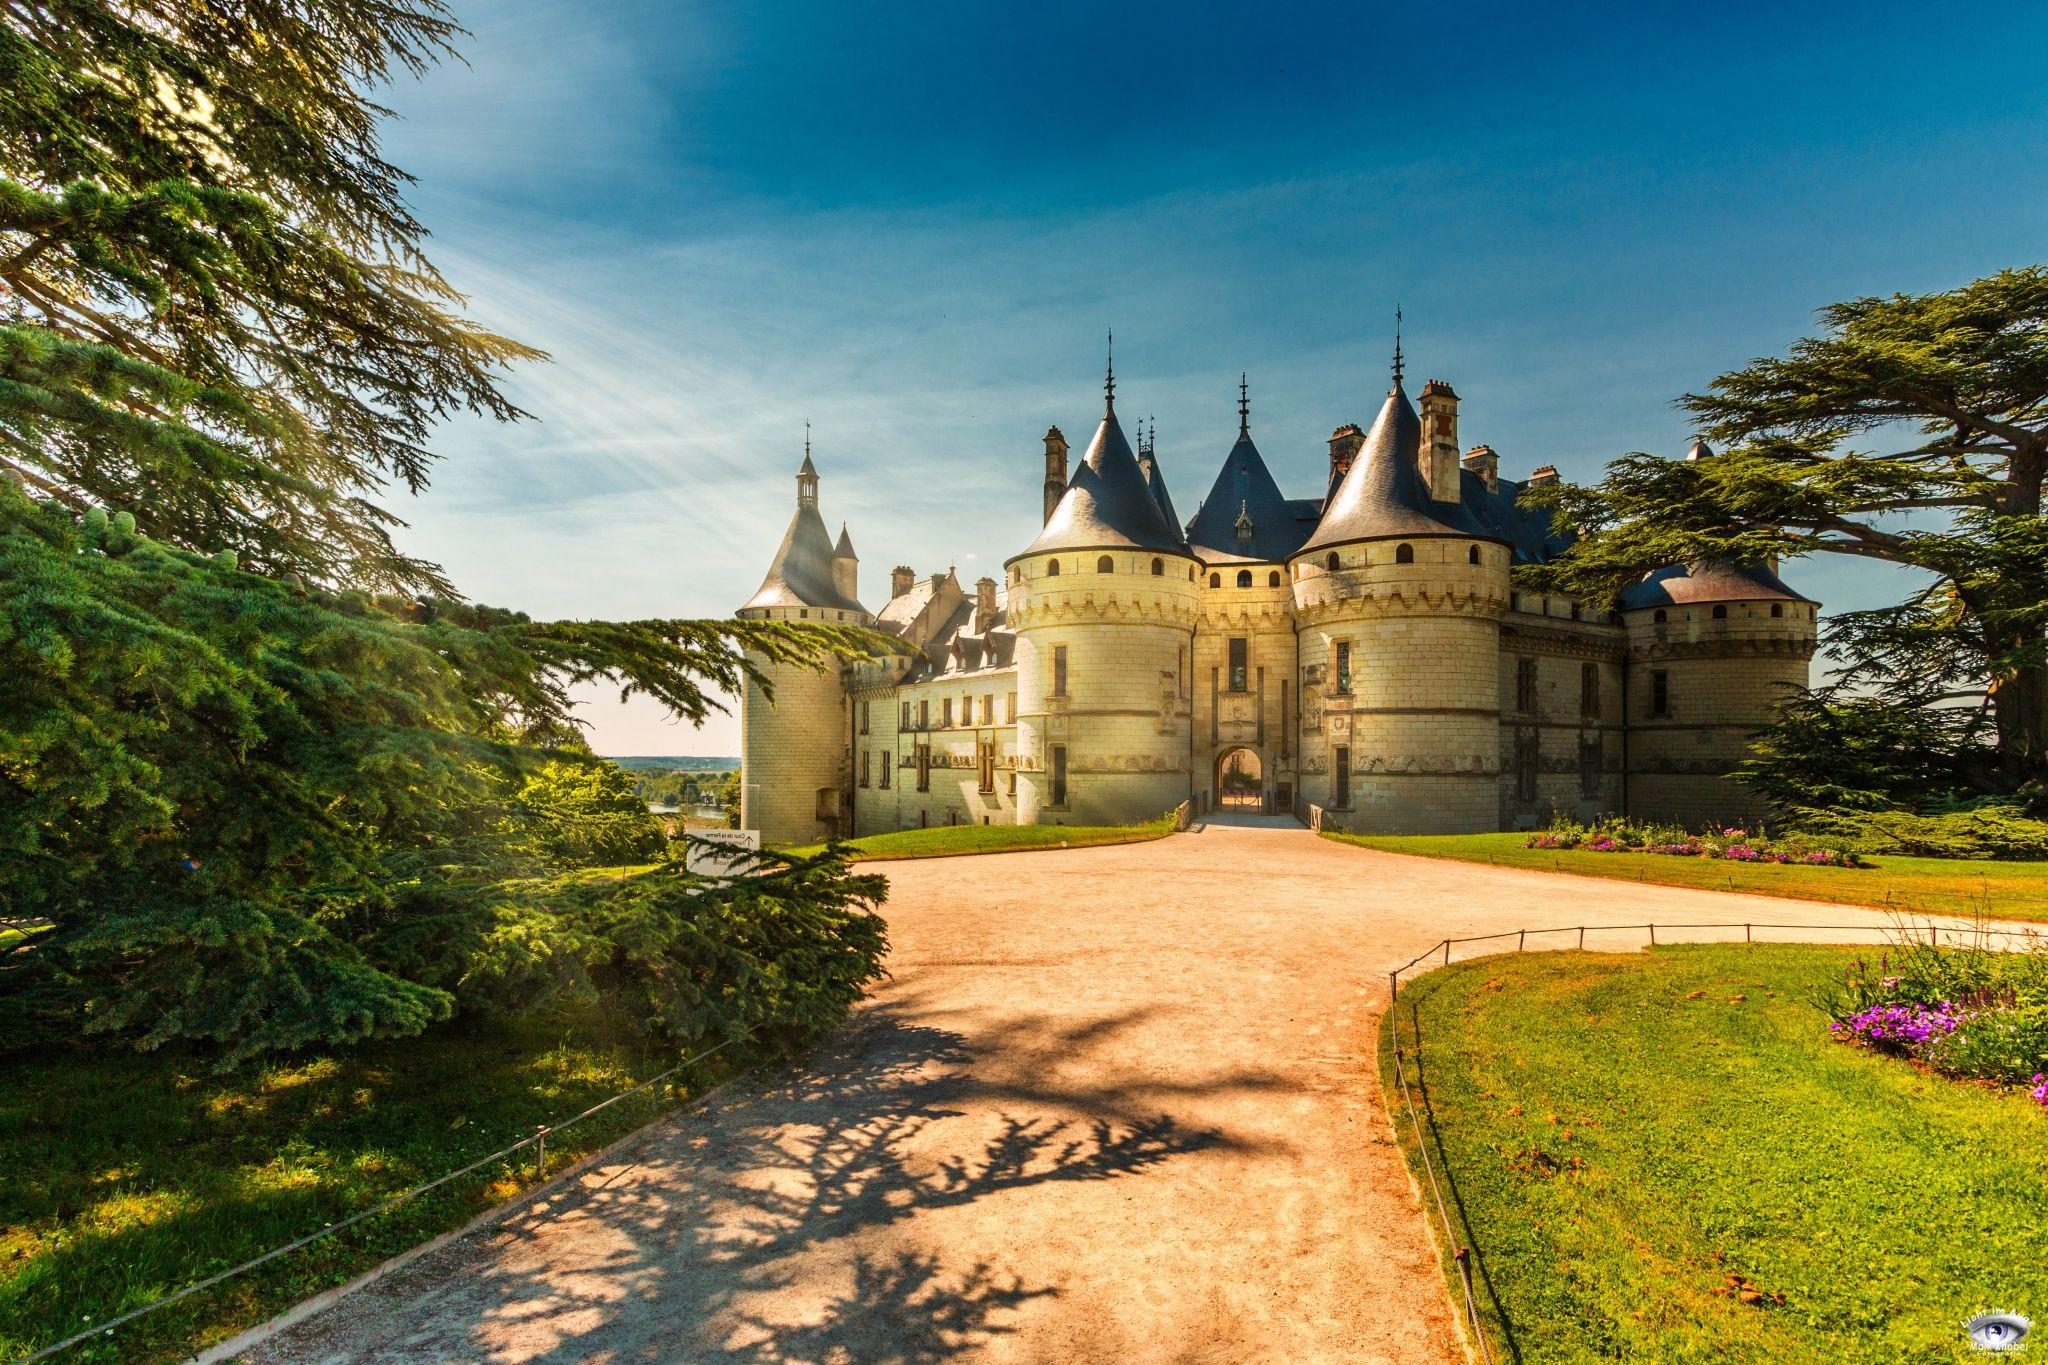 Château Chaumont-Sur-Loire, France